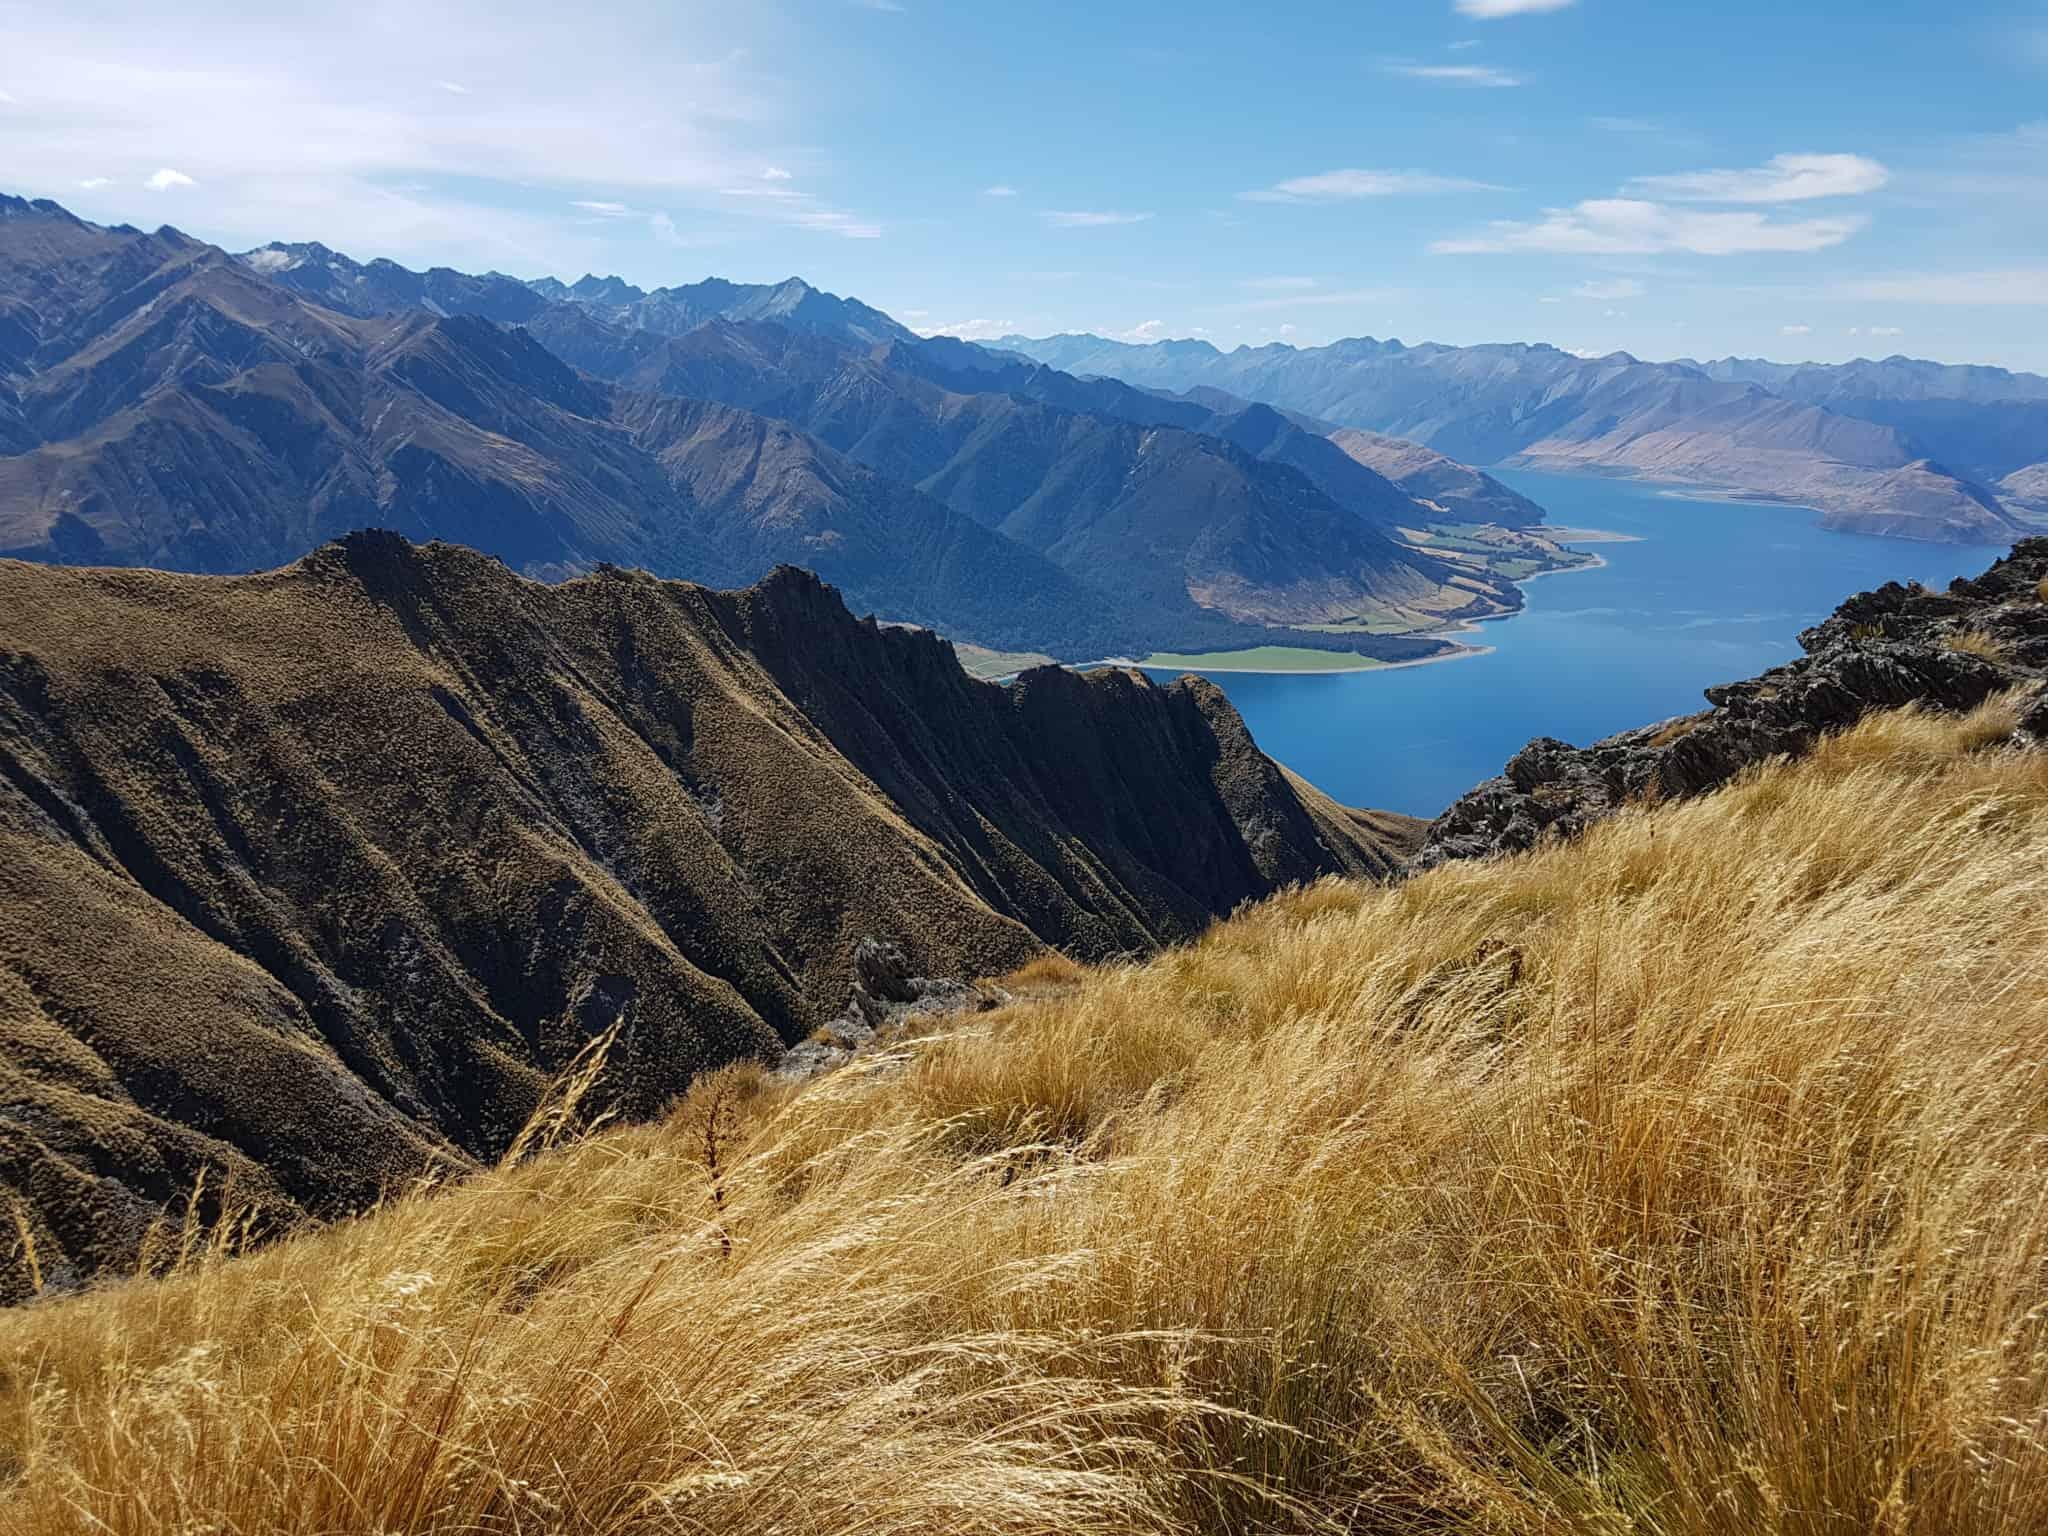 Nouvelle-Zélande, un magnifique lever de soleil depuis Isthmus Peak pour mes 30 ans 🎁 14